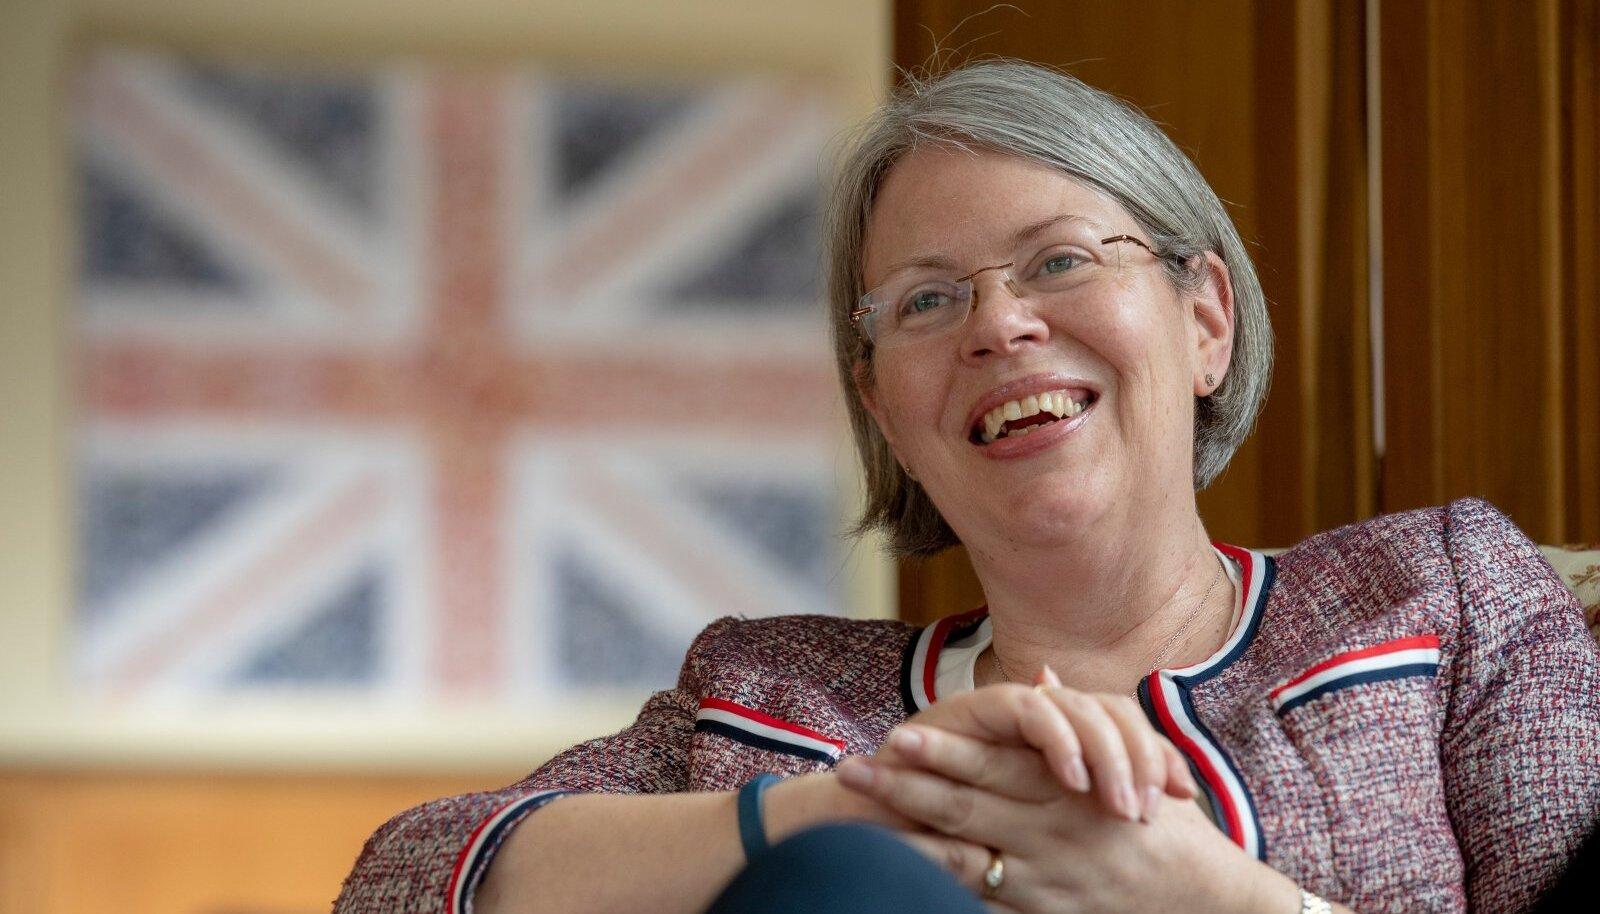 Theresa Bubbeari sõnul on inimestel eelaarvamus, nagu oleksid britid väga eemalehoidvad ja viisakad. Aga tegelikult ei ole.